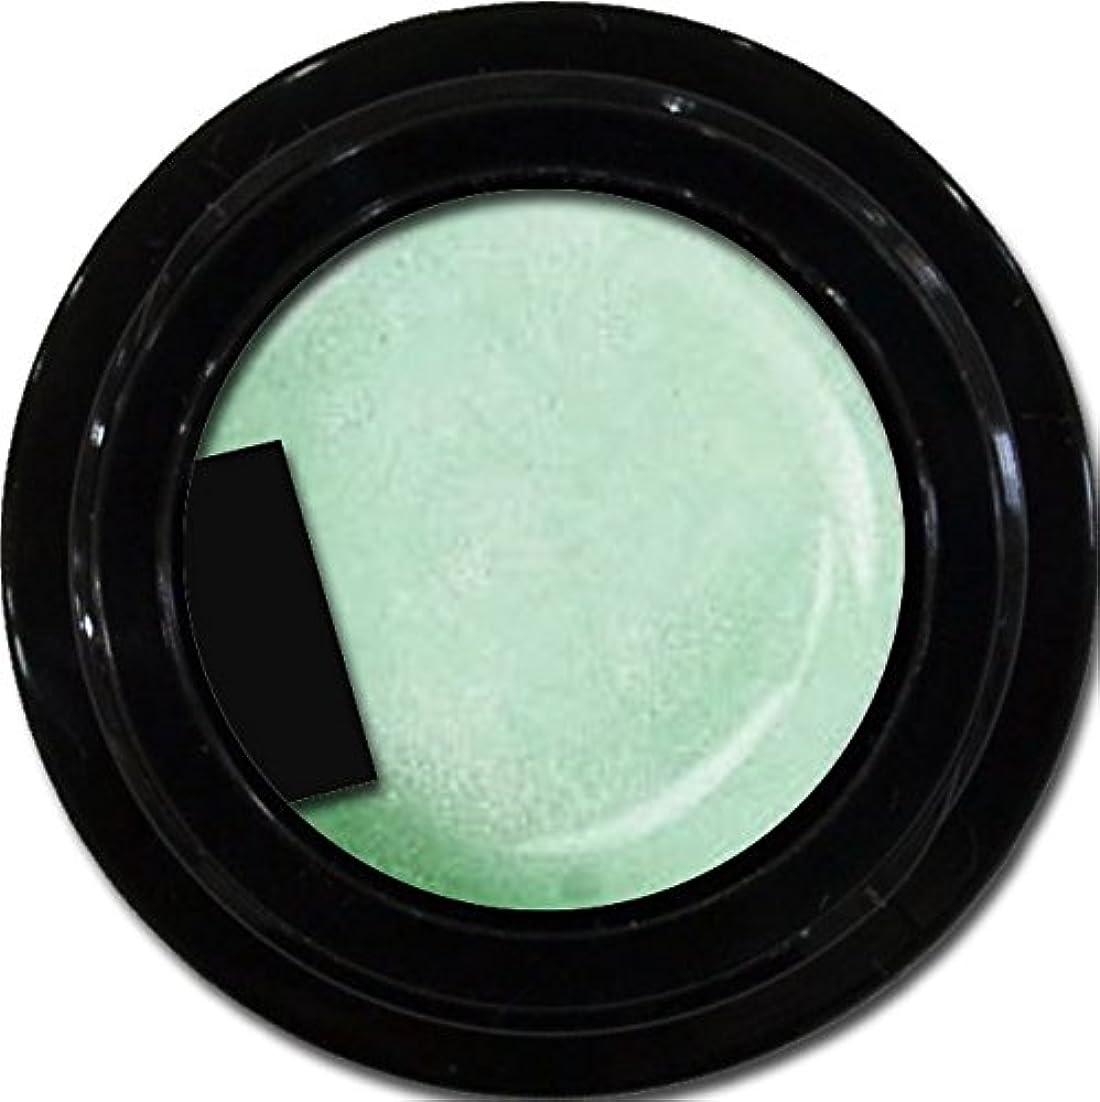 驚くばかり不定確かにカラージェル enchant color gel P701 GreenLilac 3g/ パールカラージェル P701グリーンライラック 3グラム